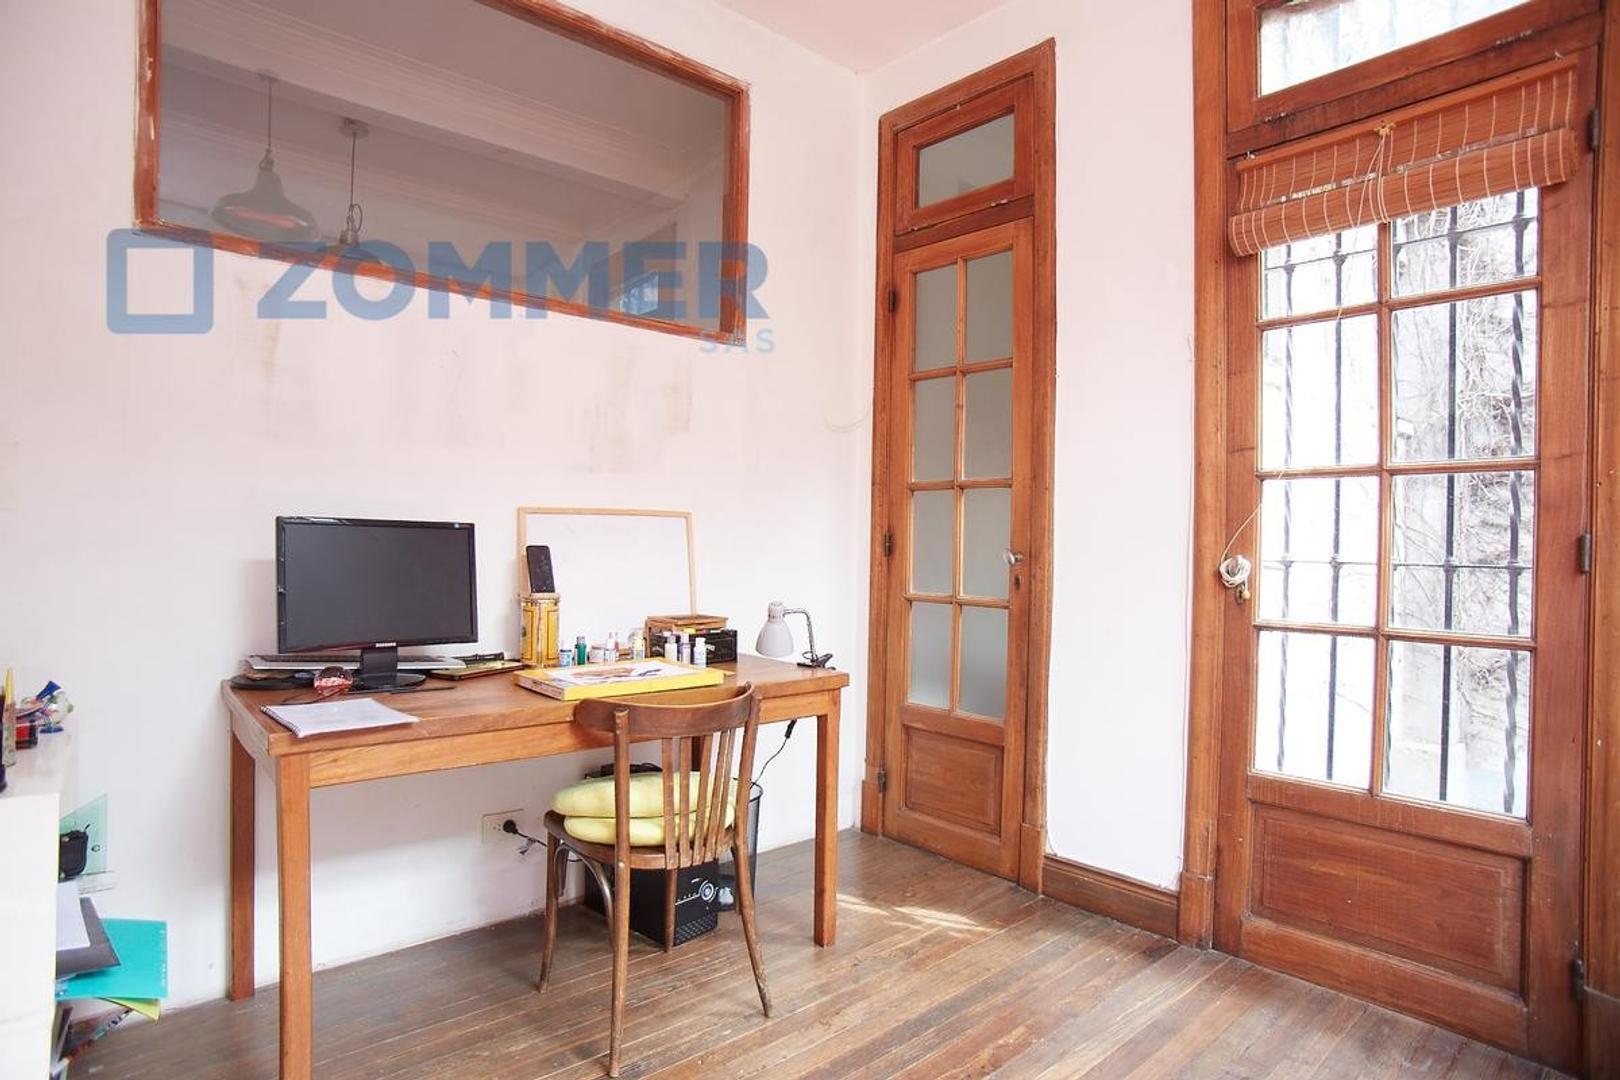 Grecia 3300, Casa de estilo MUCHA LUZ! Núñez cerca de la estacion - Foto 20